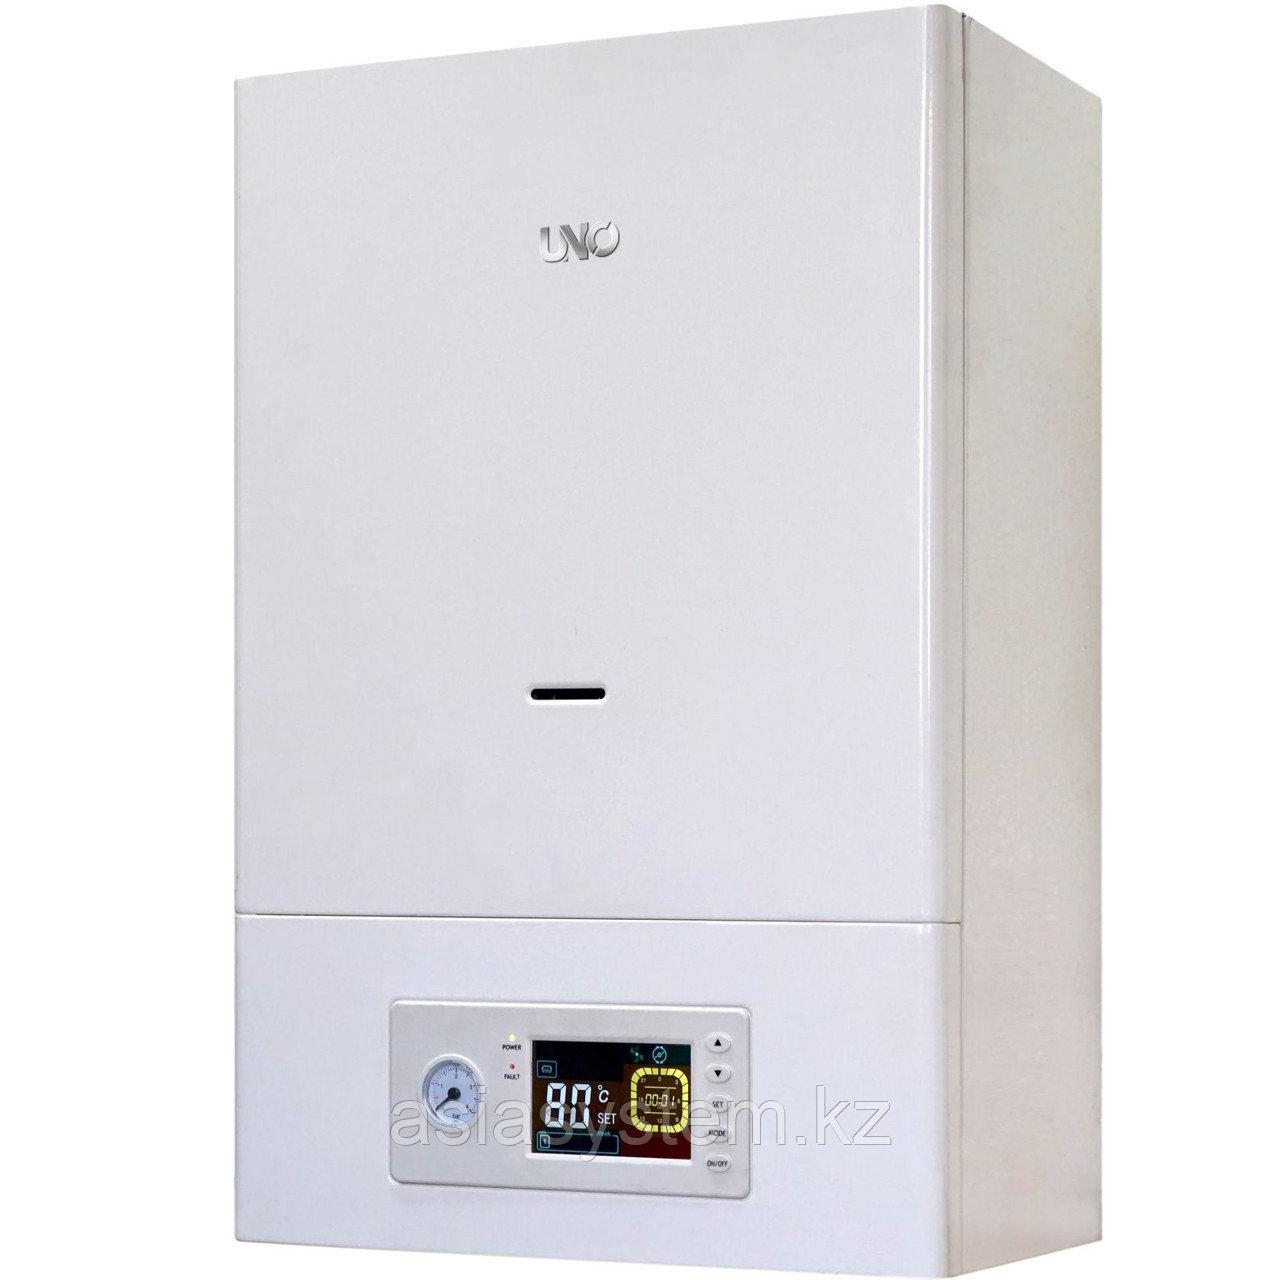 Котел газовый настенный UNO PIRO 28 кВт  до 280м²